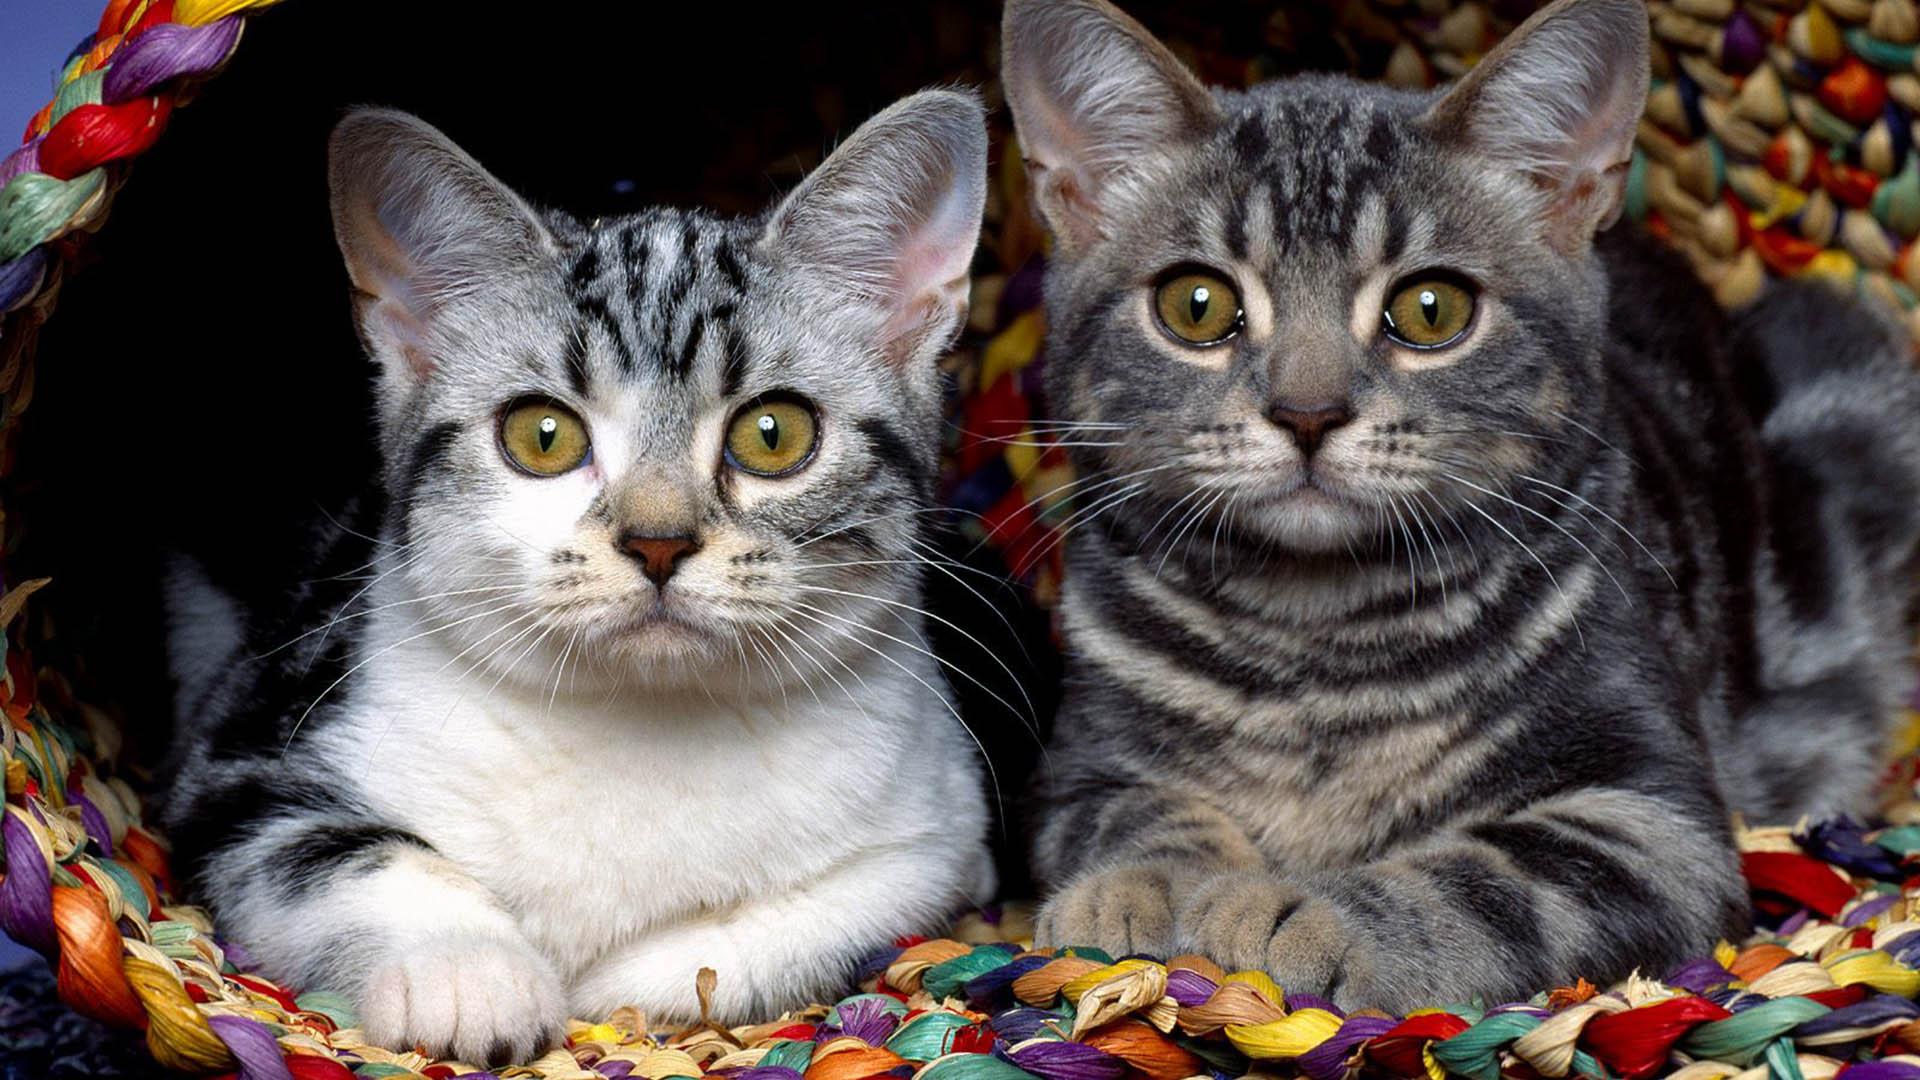 HD Widescreen Cat Wallpaper - WallpaperSafari